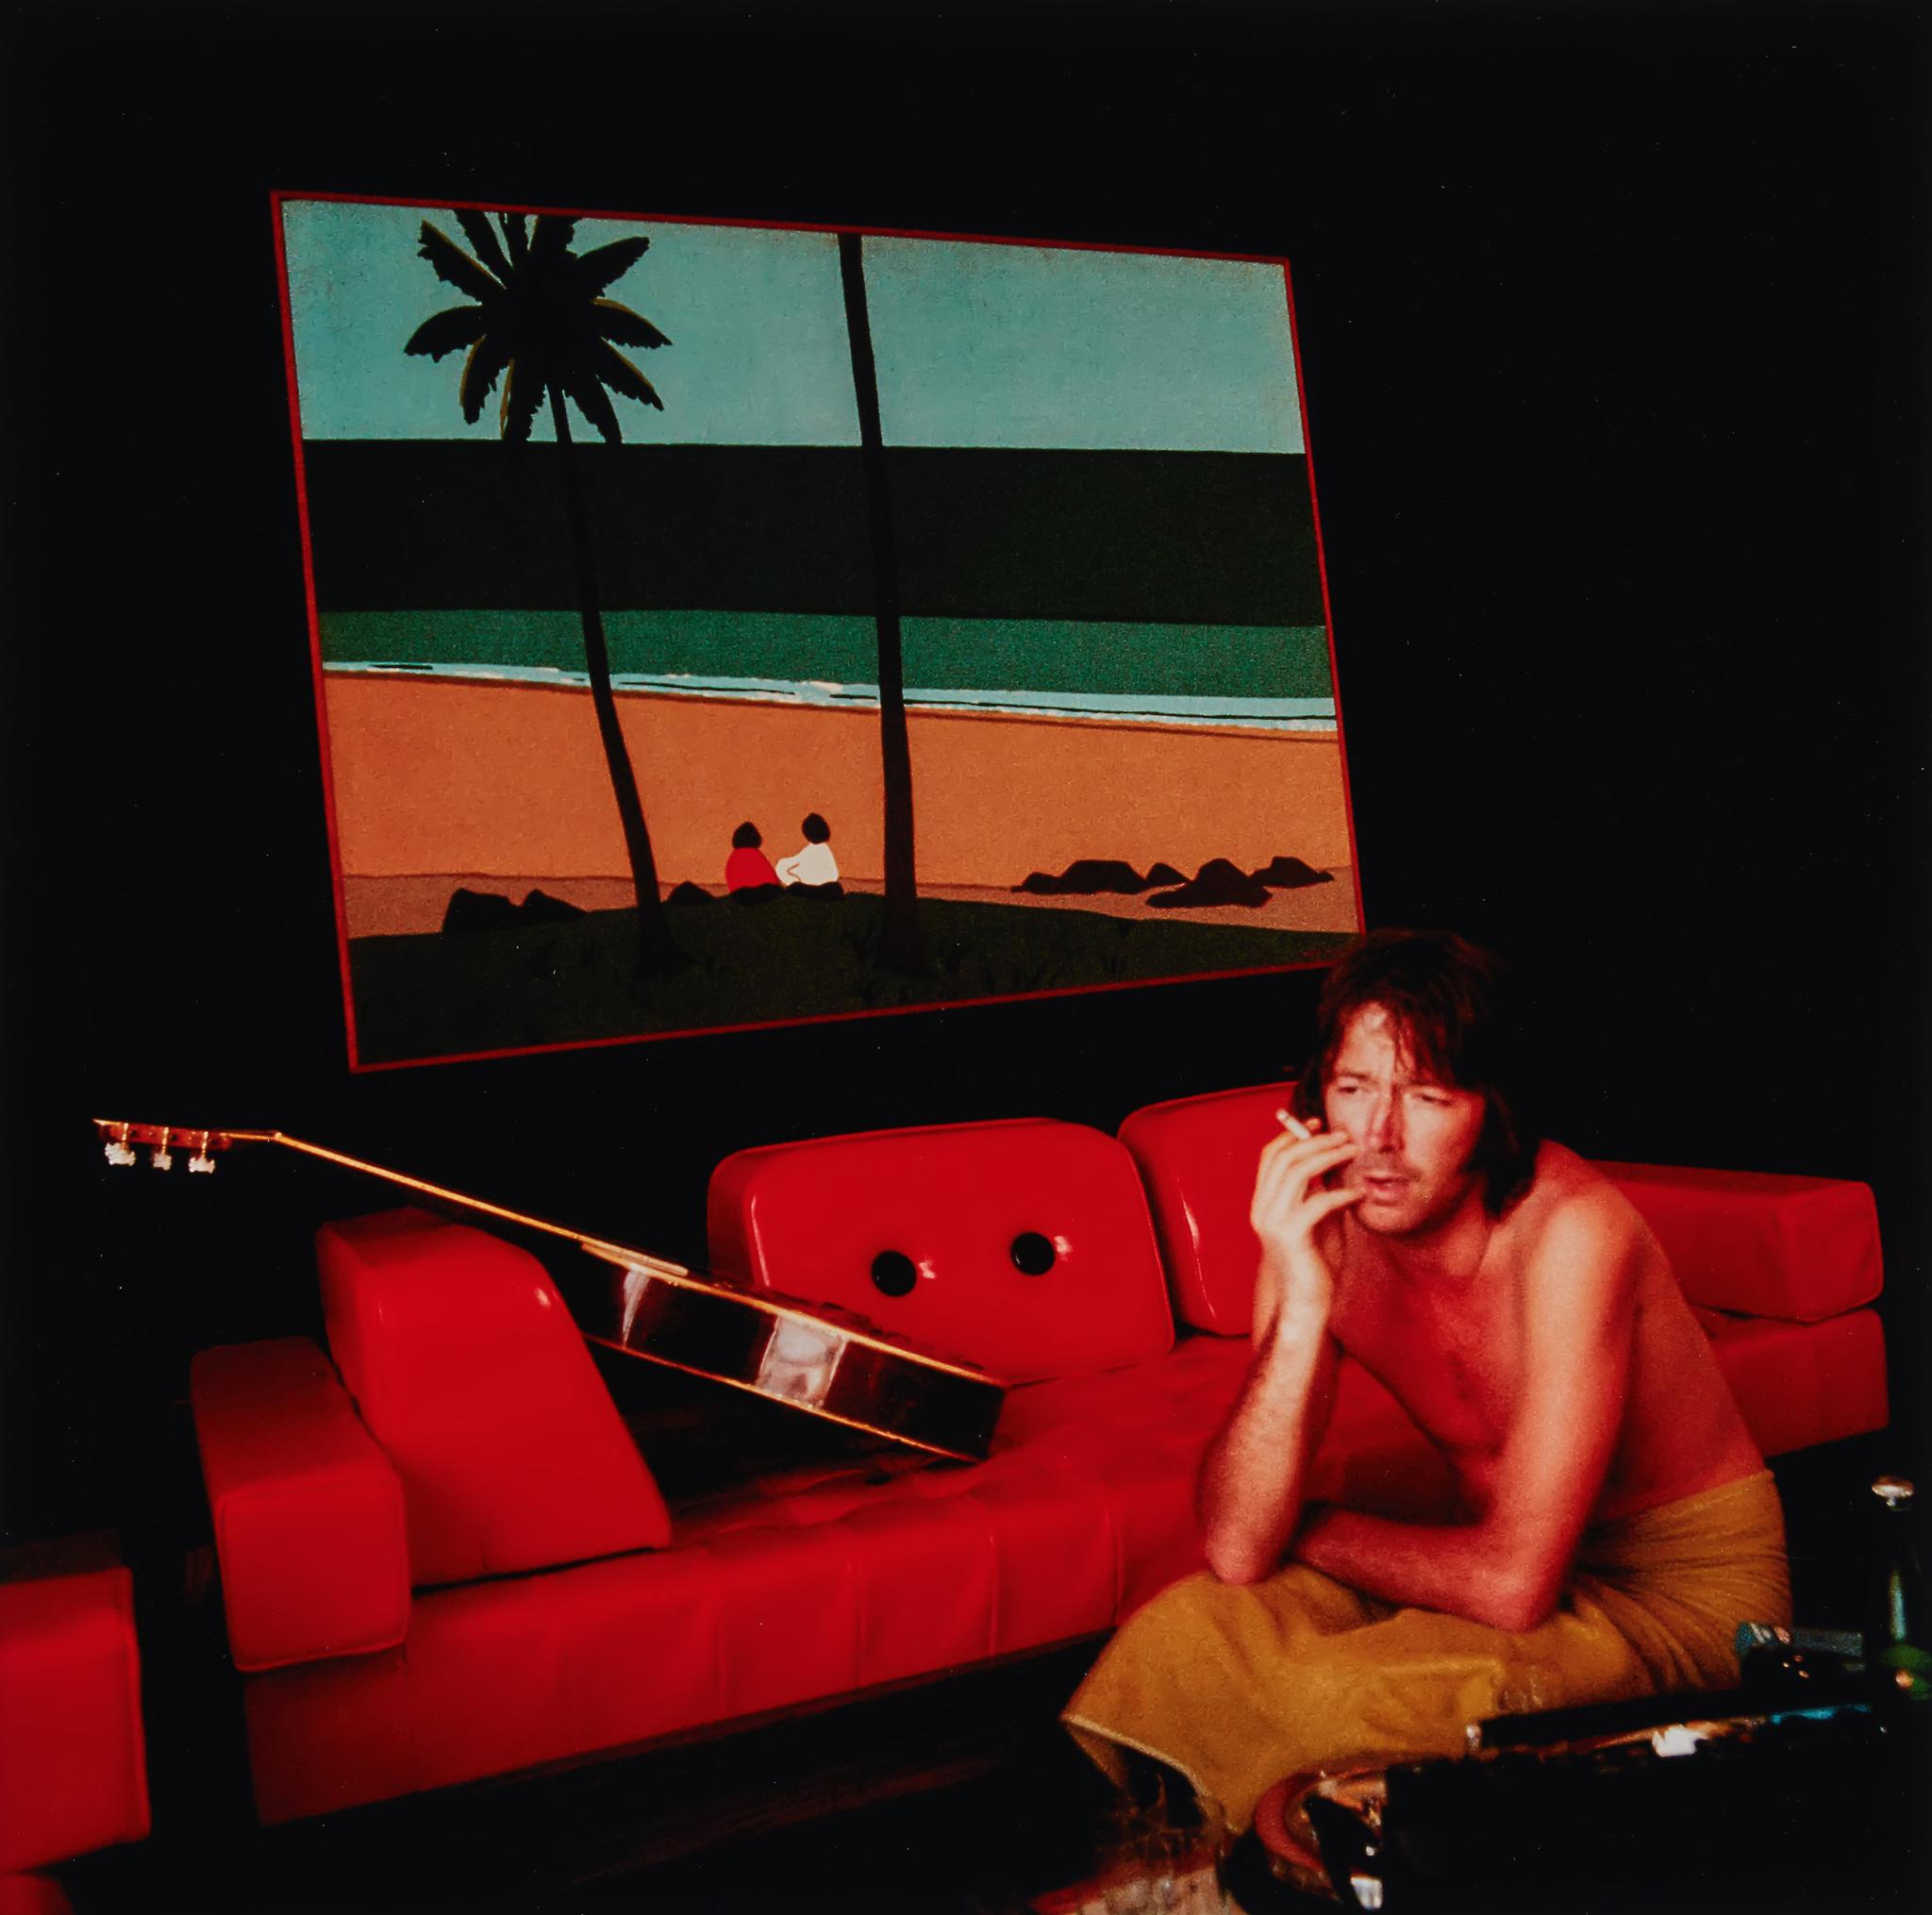 조지 해리슨과 불화가 심하던 시기인 1974년. 패티 보이드는 에릭 클랩튼의 투어에 따라나선다. 에릭 클랩튼과의 첫 투어였다. 당시 패티 보이드가 찍은 에릭 클랩튼의 사진으로 호텔과 장소는 기억나지 않지만 선명한 컬러는 사진 속에 남아있다. [사진 패티보이드]